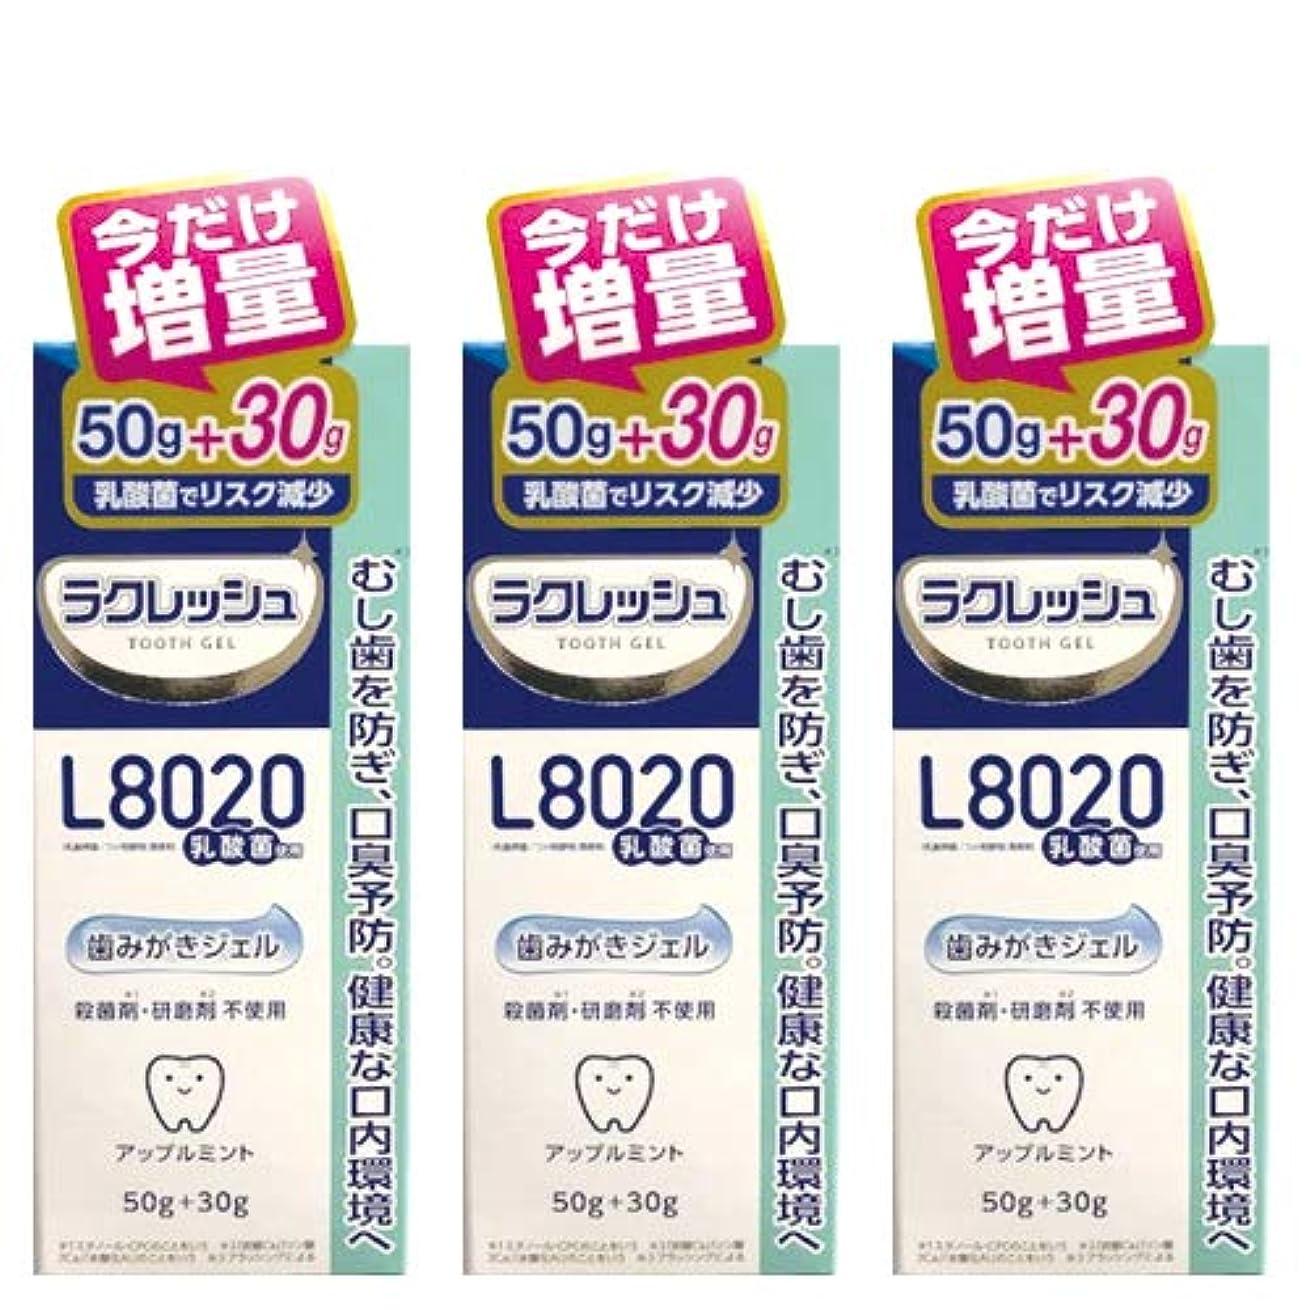 納屋マラソン魔女【増量30g 】ジェクス L8020乳酸菌 ラクレッシュ 歯みがきジェル 80g(50g+30g)×3本セット